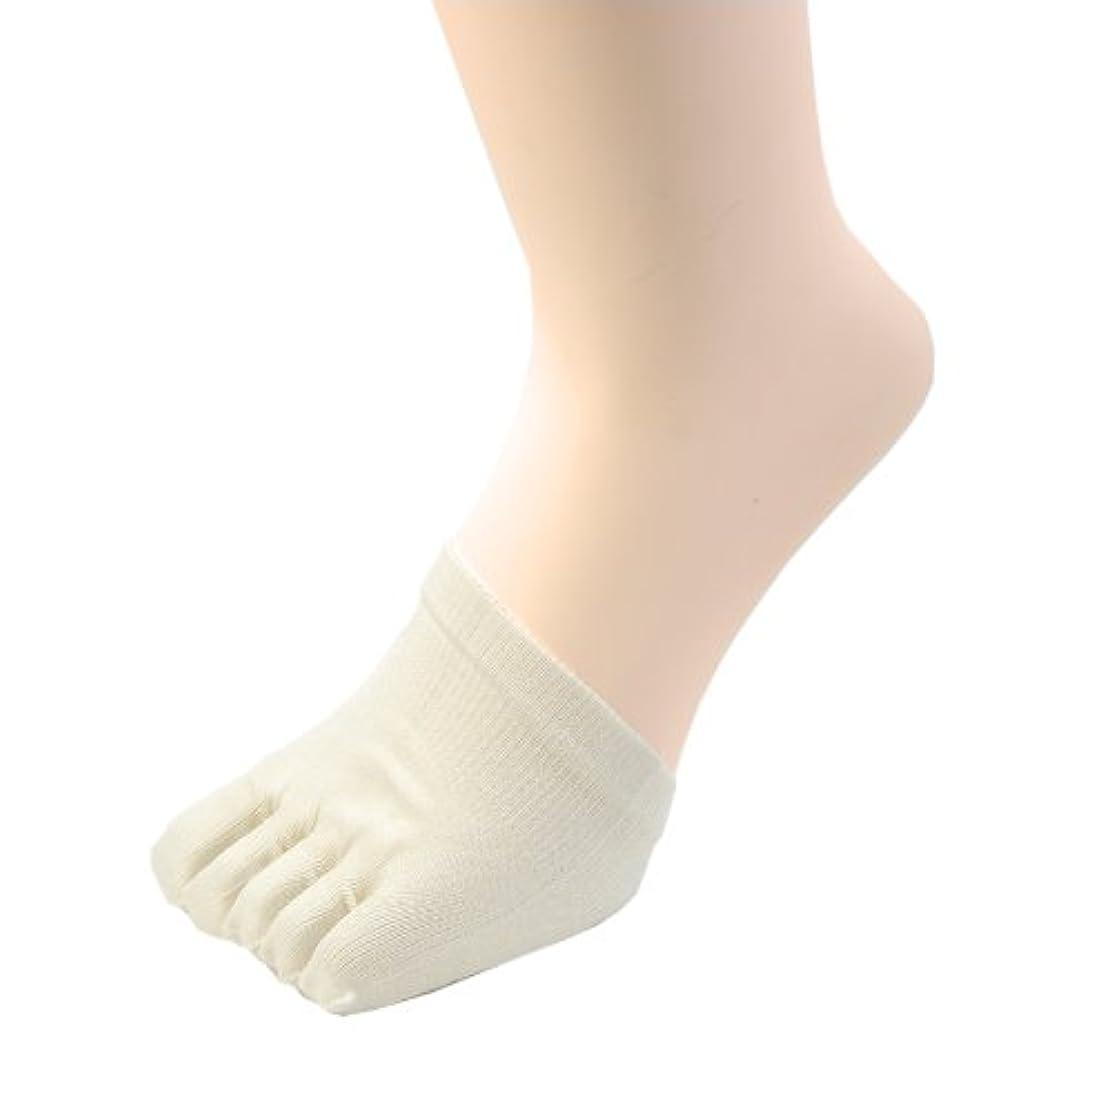 拍車マーケティング閉塞冷えとり 絹 ( シルク )100% ハーフ 5本指 下履き (クツしたイン) ソックス 着圧健康ソックスの必需品! 2足組 #685